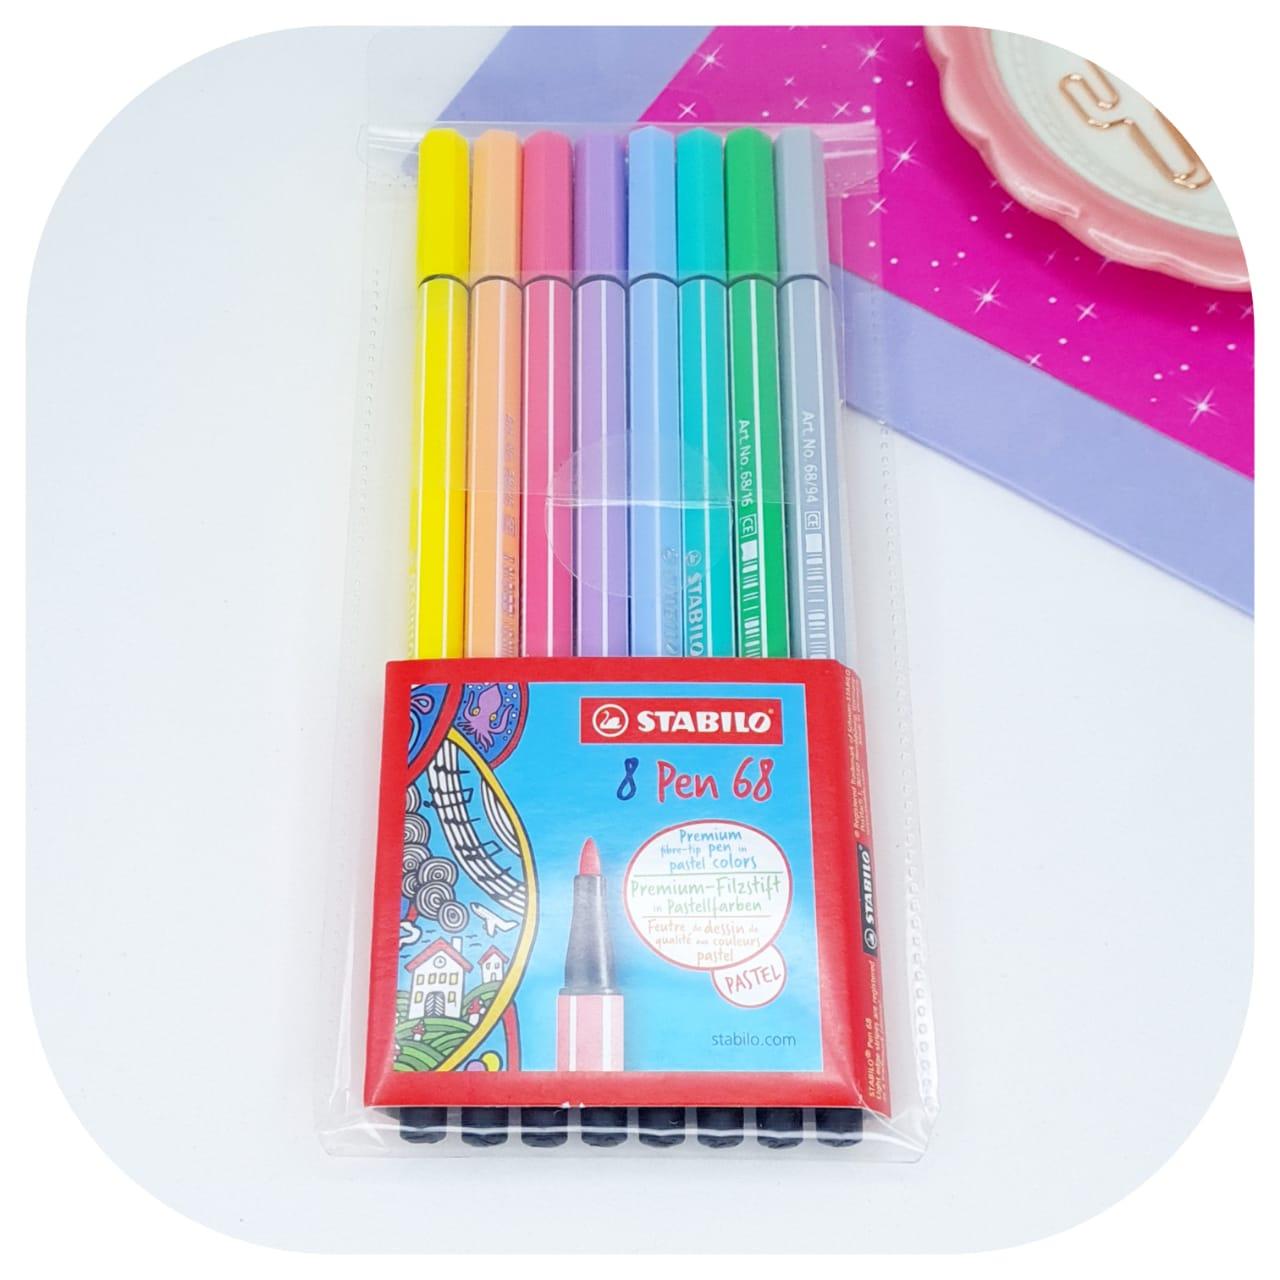 Kit Stabilo Pen 68 Pastel - 08 cores